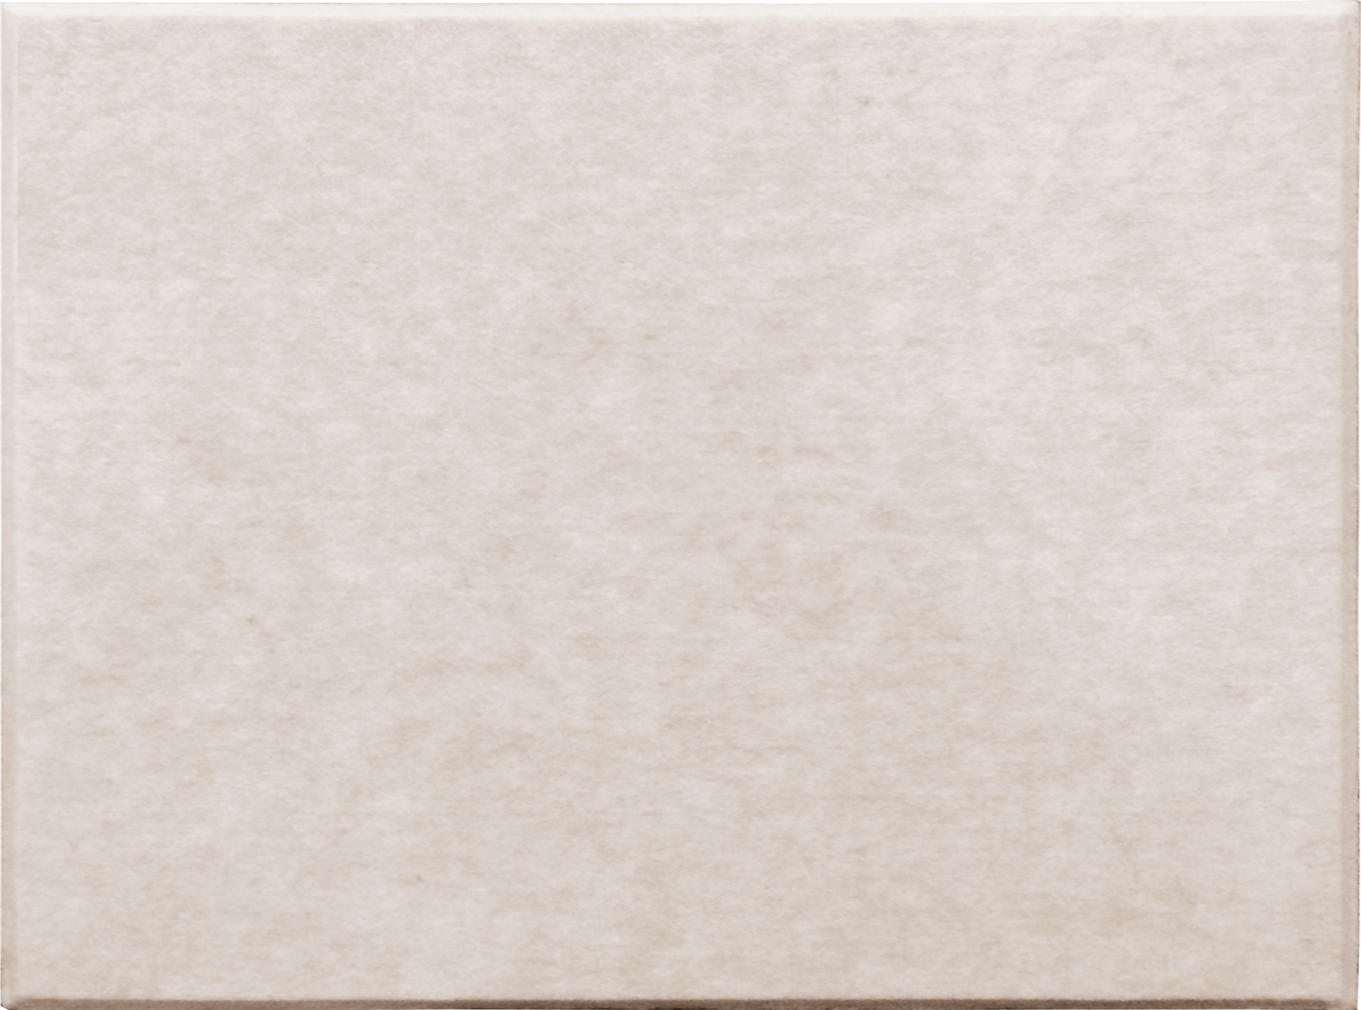 【最安値挑戦中!最大34倍】井上金庫 【FB-8060C-BE(ベージュ) 12枚入/ケース】 フェルメノン 吸音パネル45C マグネットなし 800×600mm 厚9mm [♪▲▲]